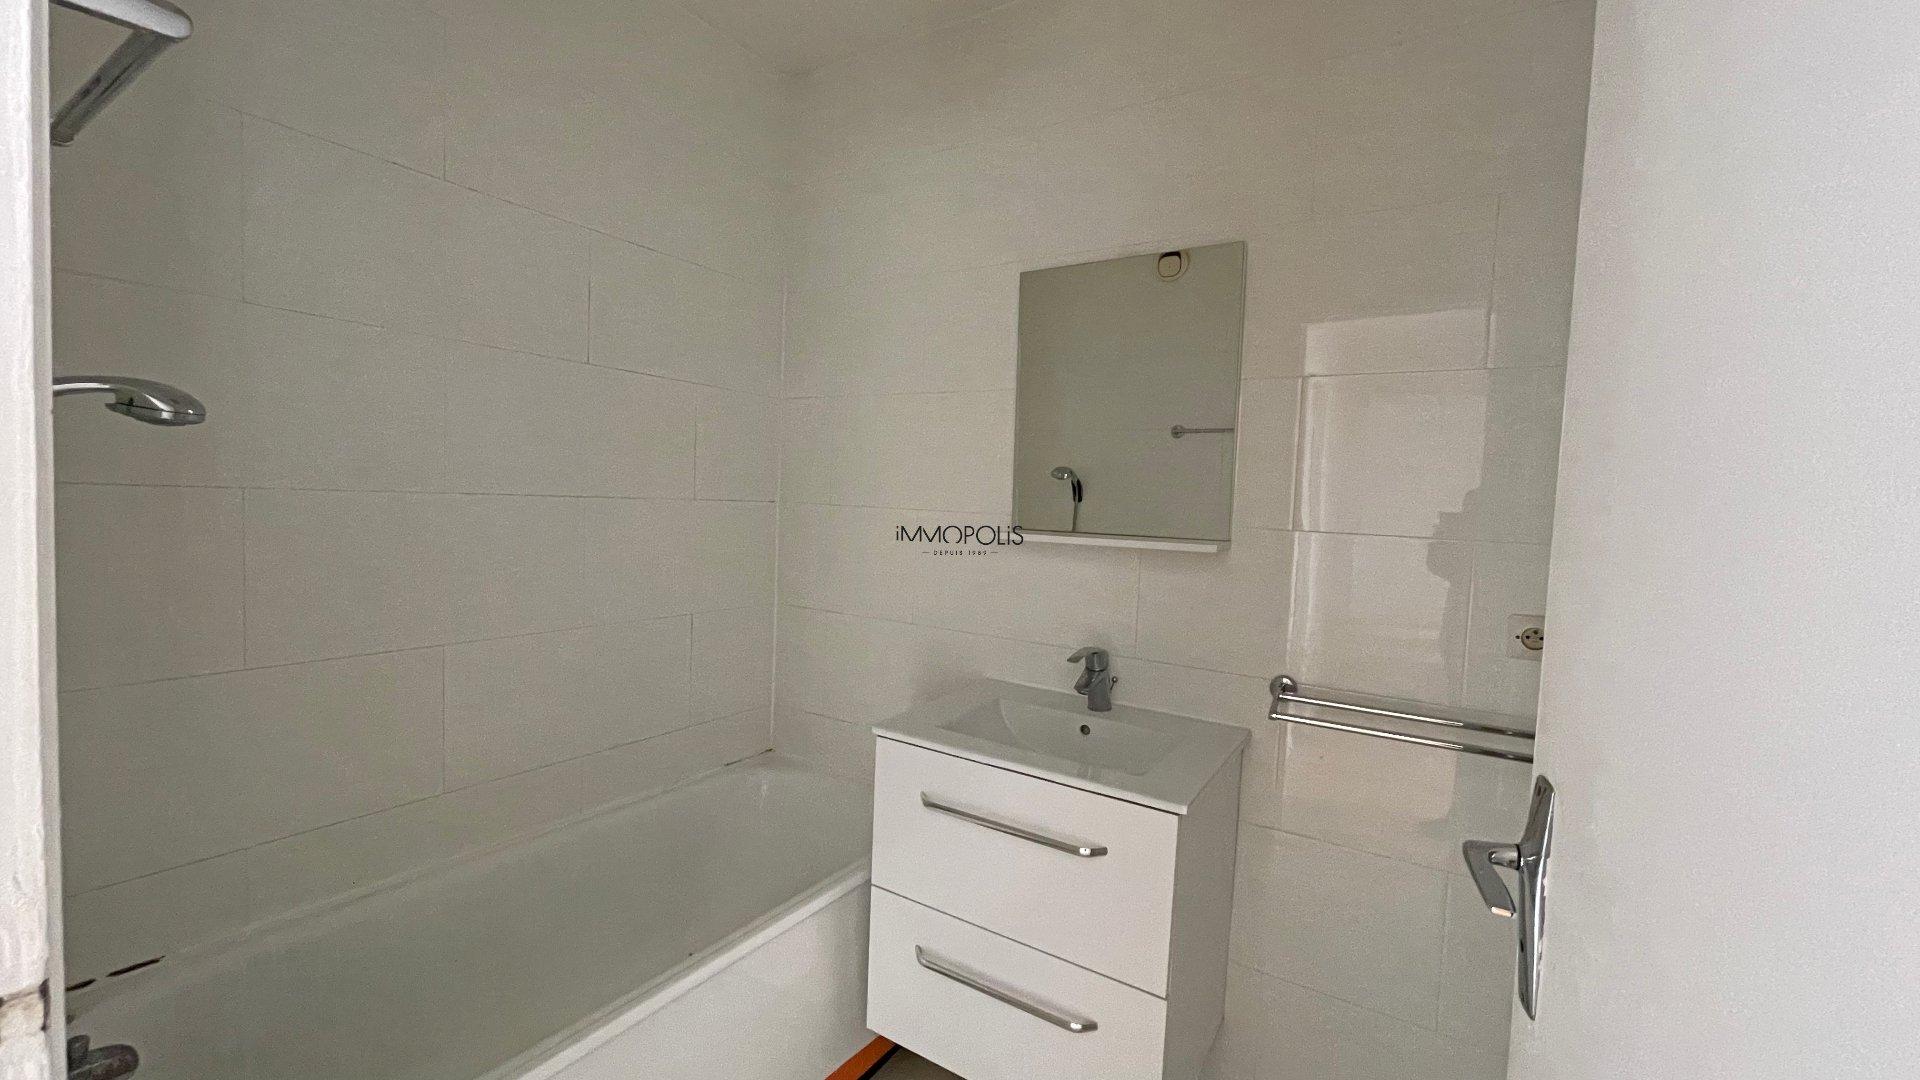 Appartement 3 pièces avec vue dégagée de 63.45m2 vendu avec un box ! 6